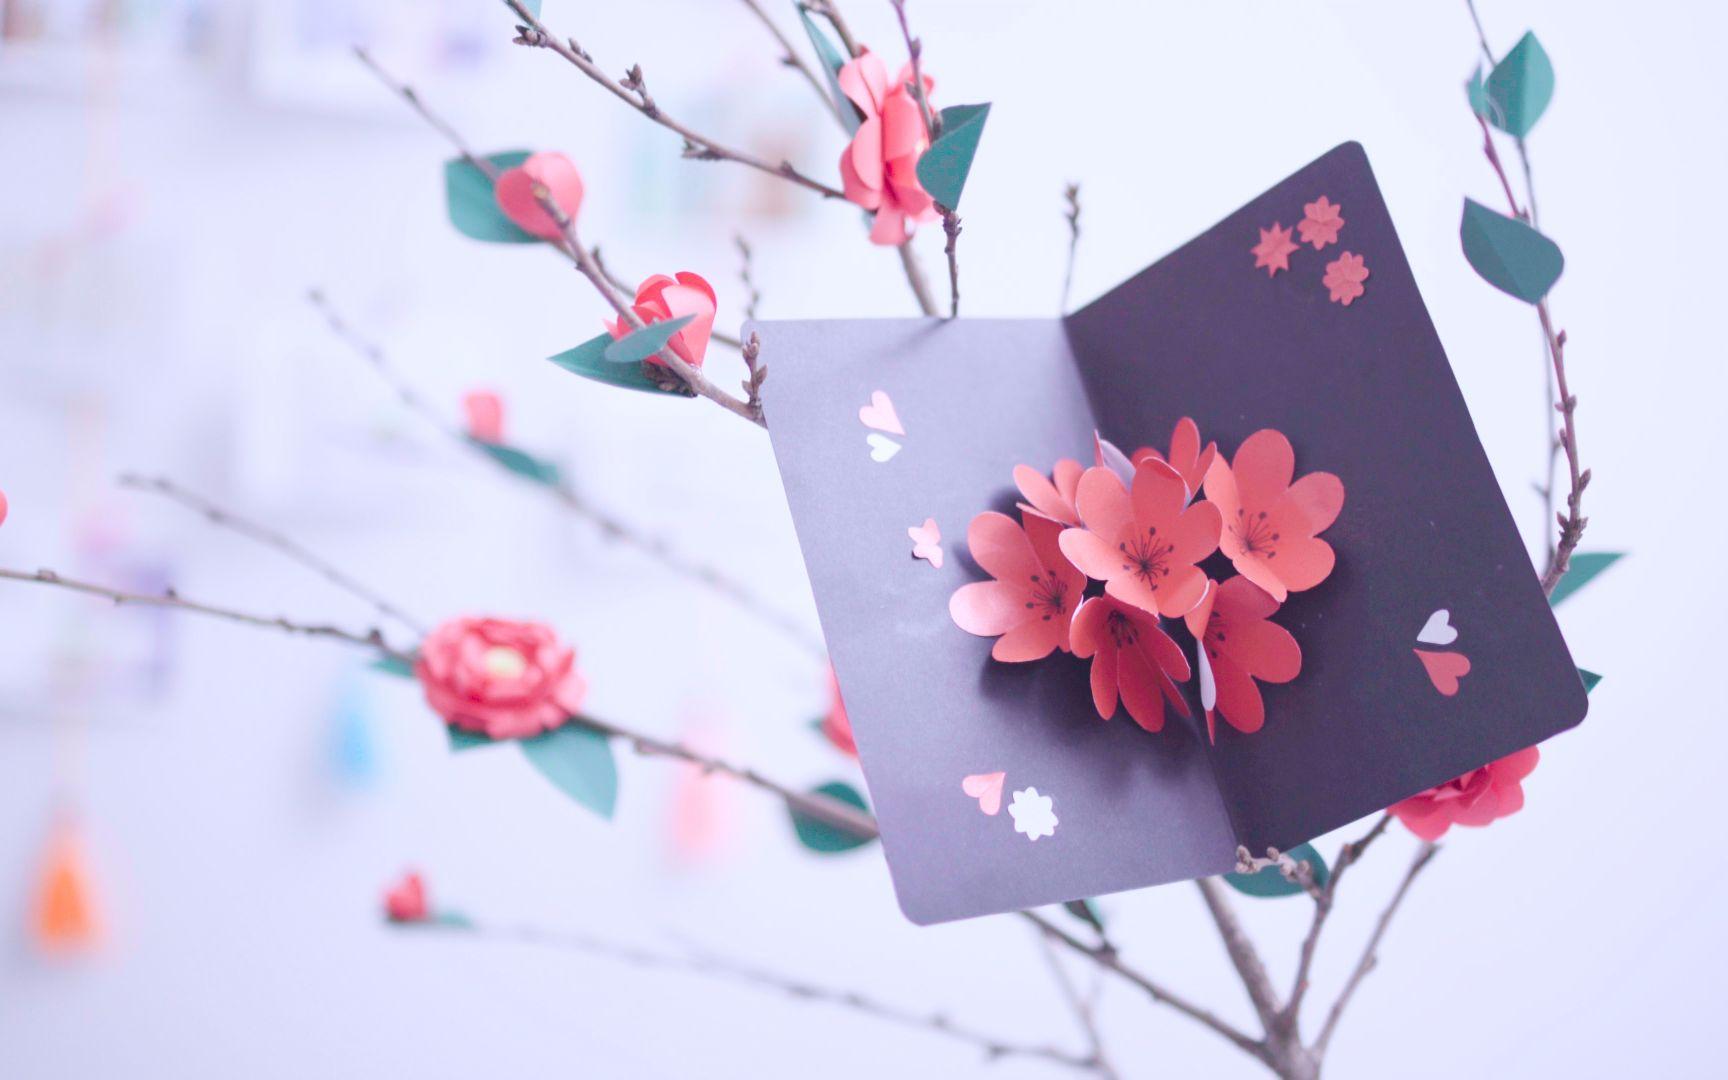 东西物语 | 创意折纸 - 立体花瓣贺卡_手工_生活__哔图片